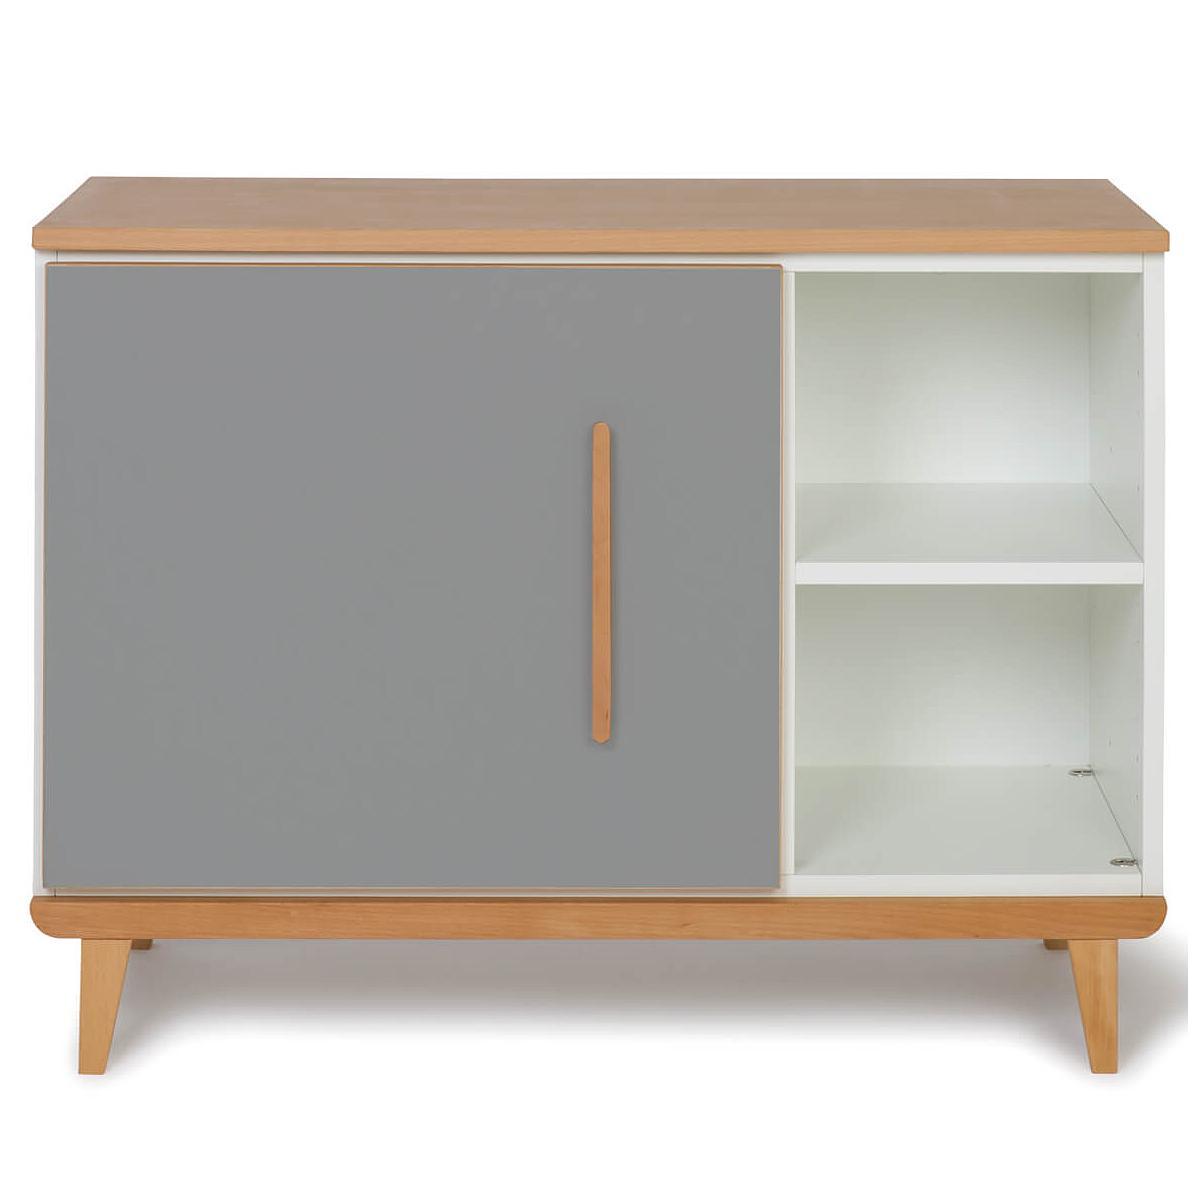 Kleinmöbel 1-türig NADO slate grey